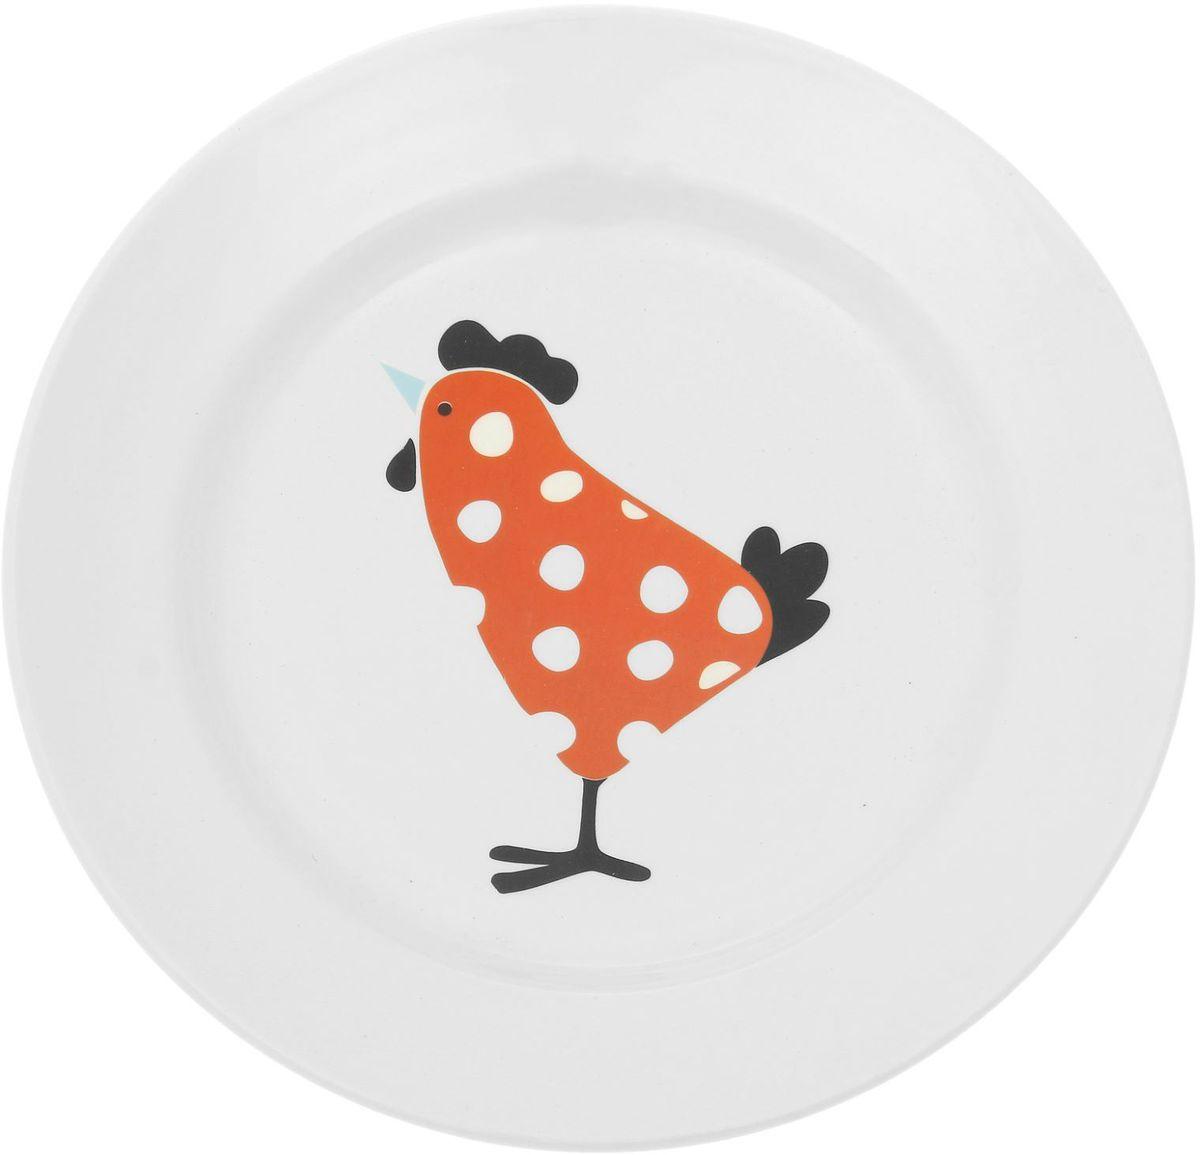 Тарелка мелкая Сотвори чудо My Chicken, диаметр 20 см115510Хотите обновить интерьер кухни или гостиной? Устраиваете необычную фотосессию или тематический праздник? А может, просто ищете подарок для близкого человека? Посуда Сотвори Чудо — правильный выбор в любой ситуации. Тарелка Сотвори Чудо, изготовленная из изящного фаянса нежного сливочного цвета, оформлена оригинальным рисунком со стойкой краской. Пригодна для посудомоечной машины.